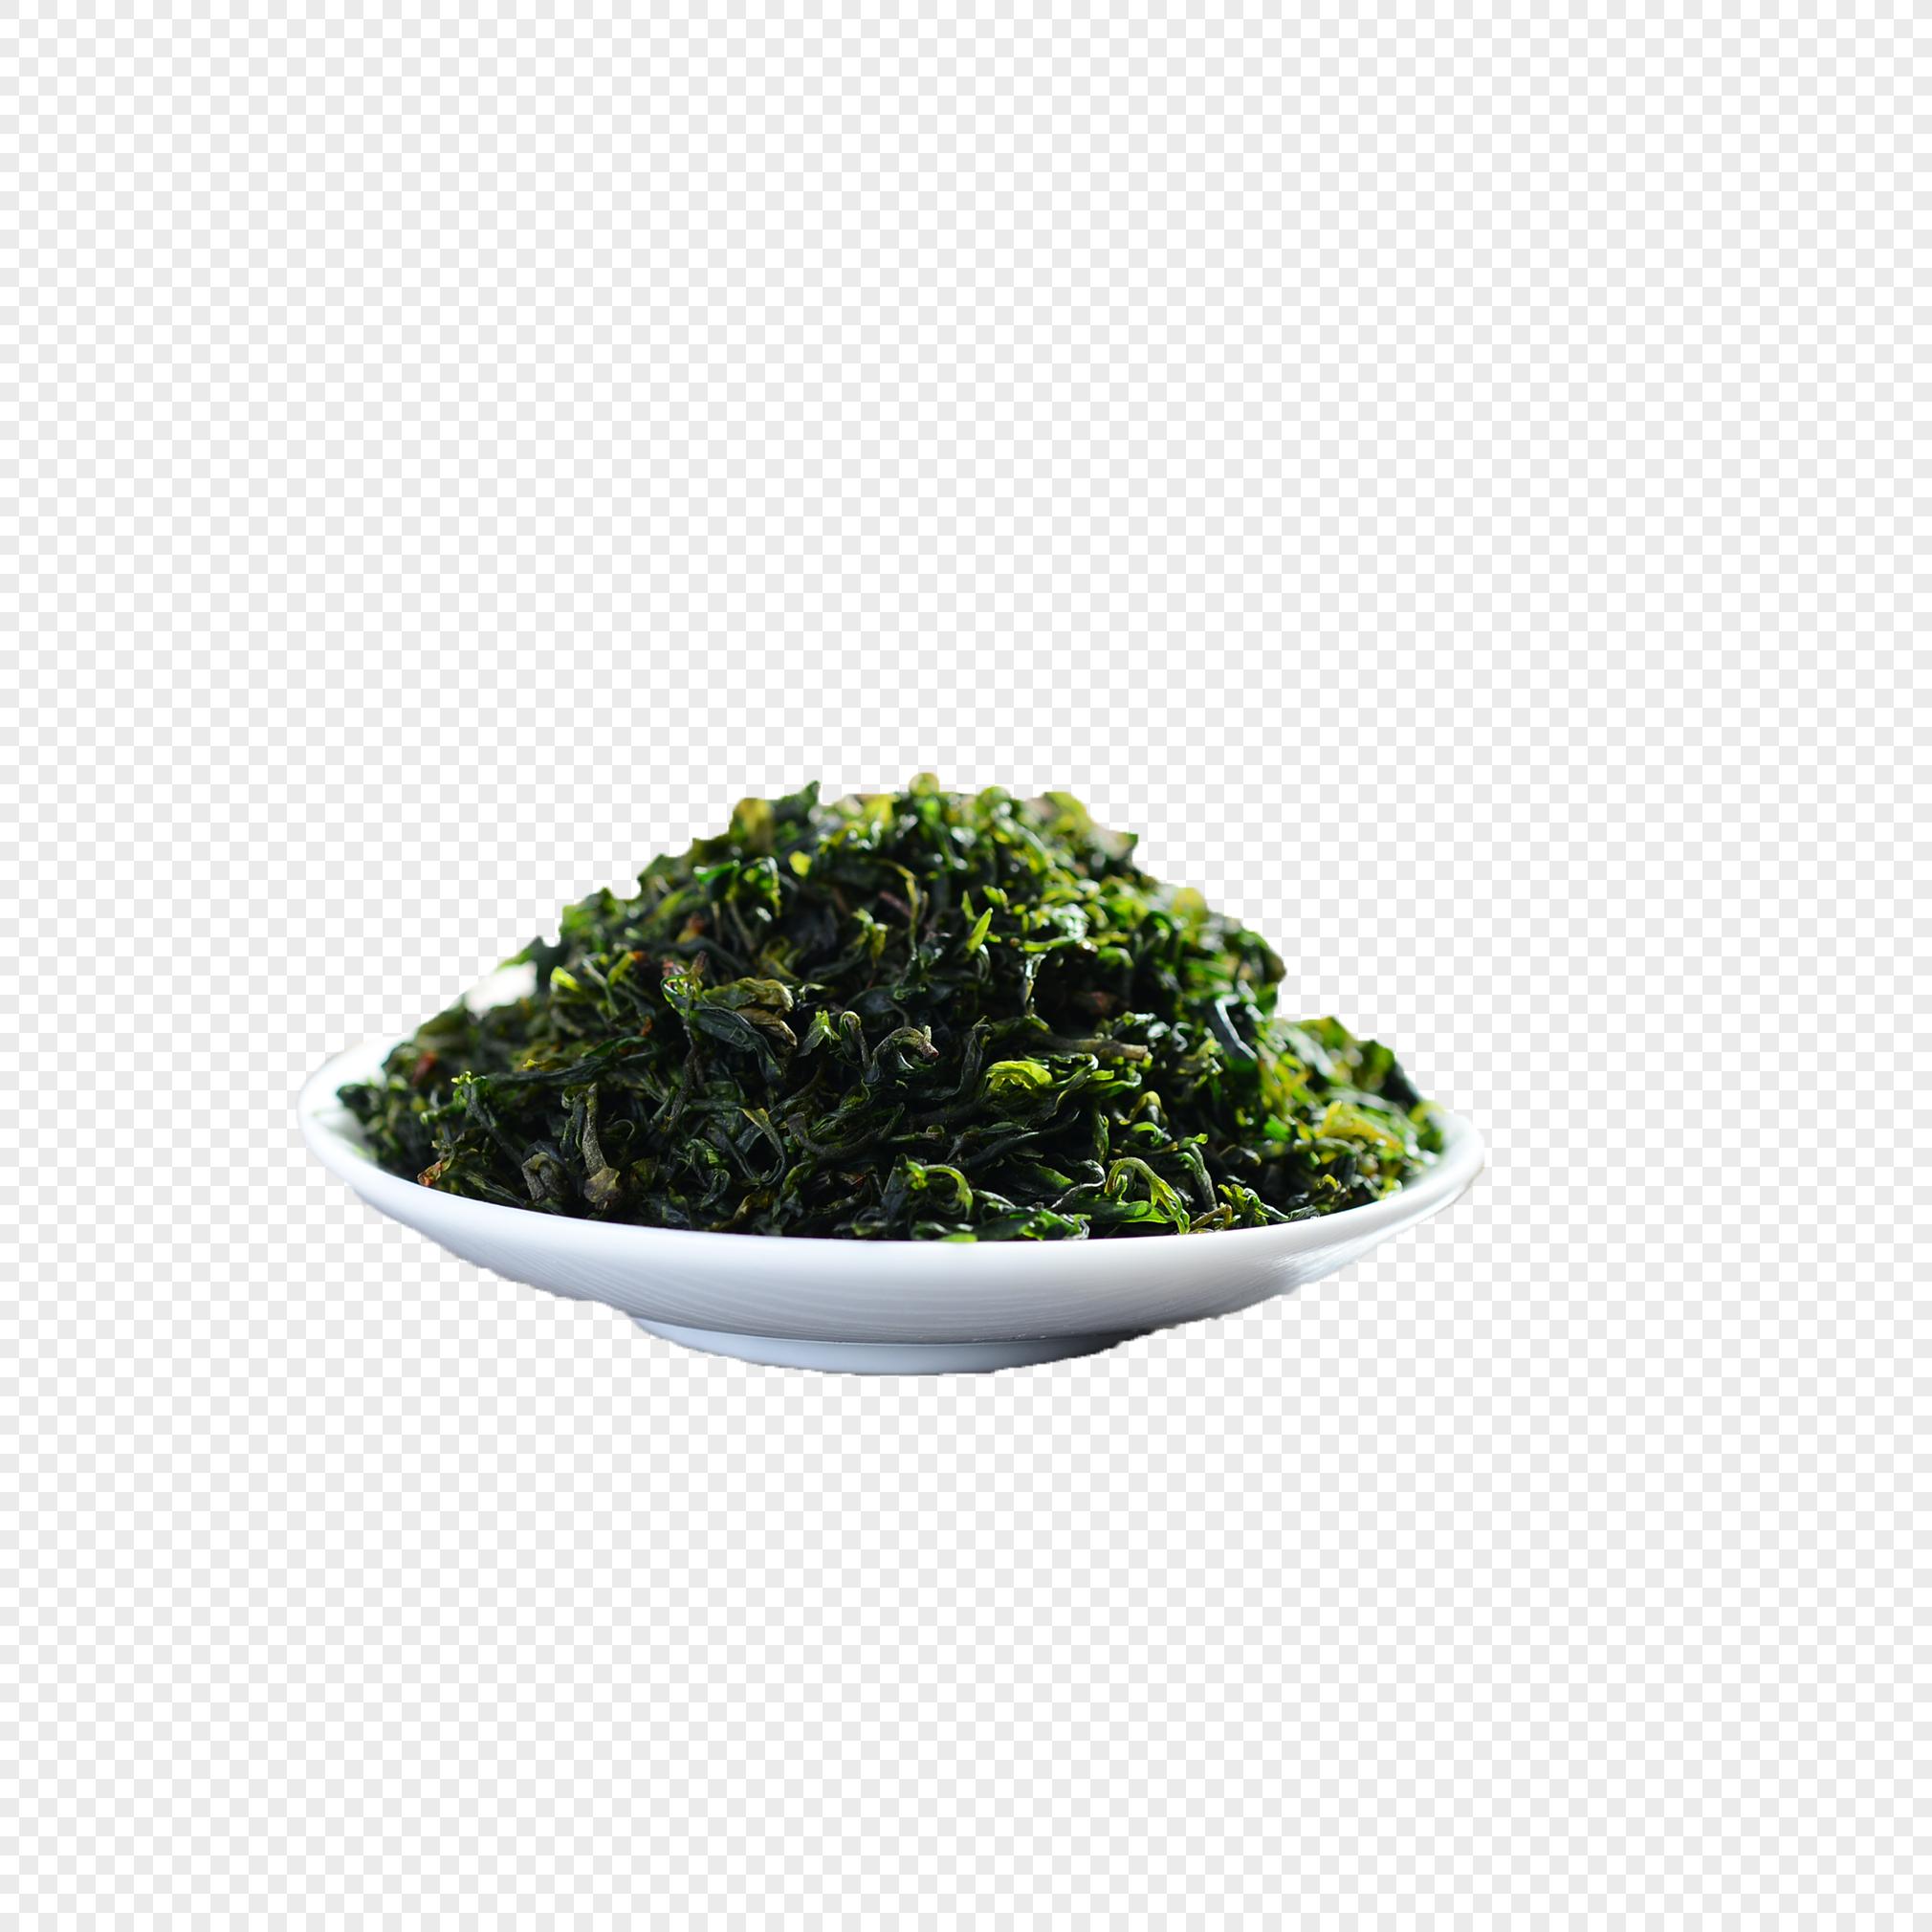 白茶喝法_泡法